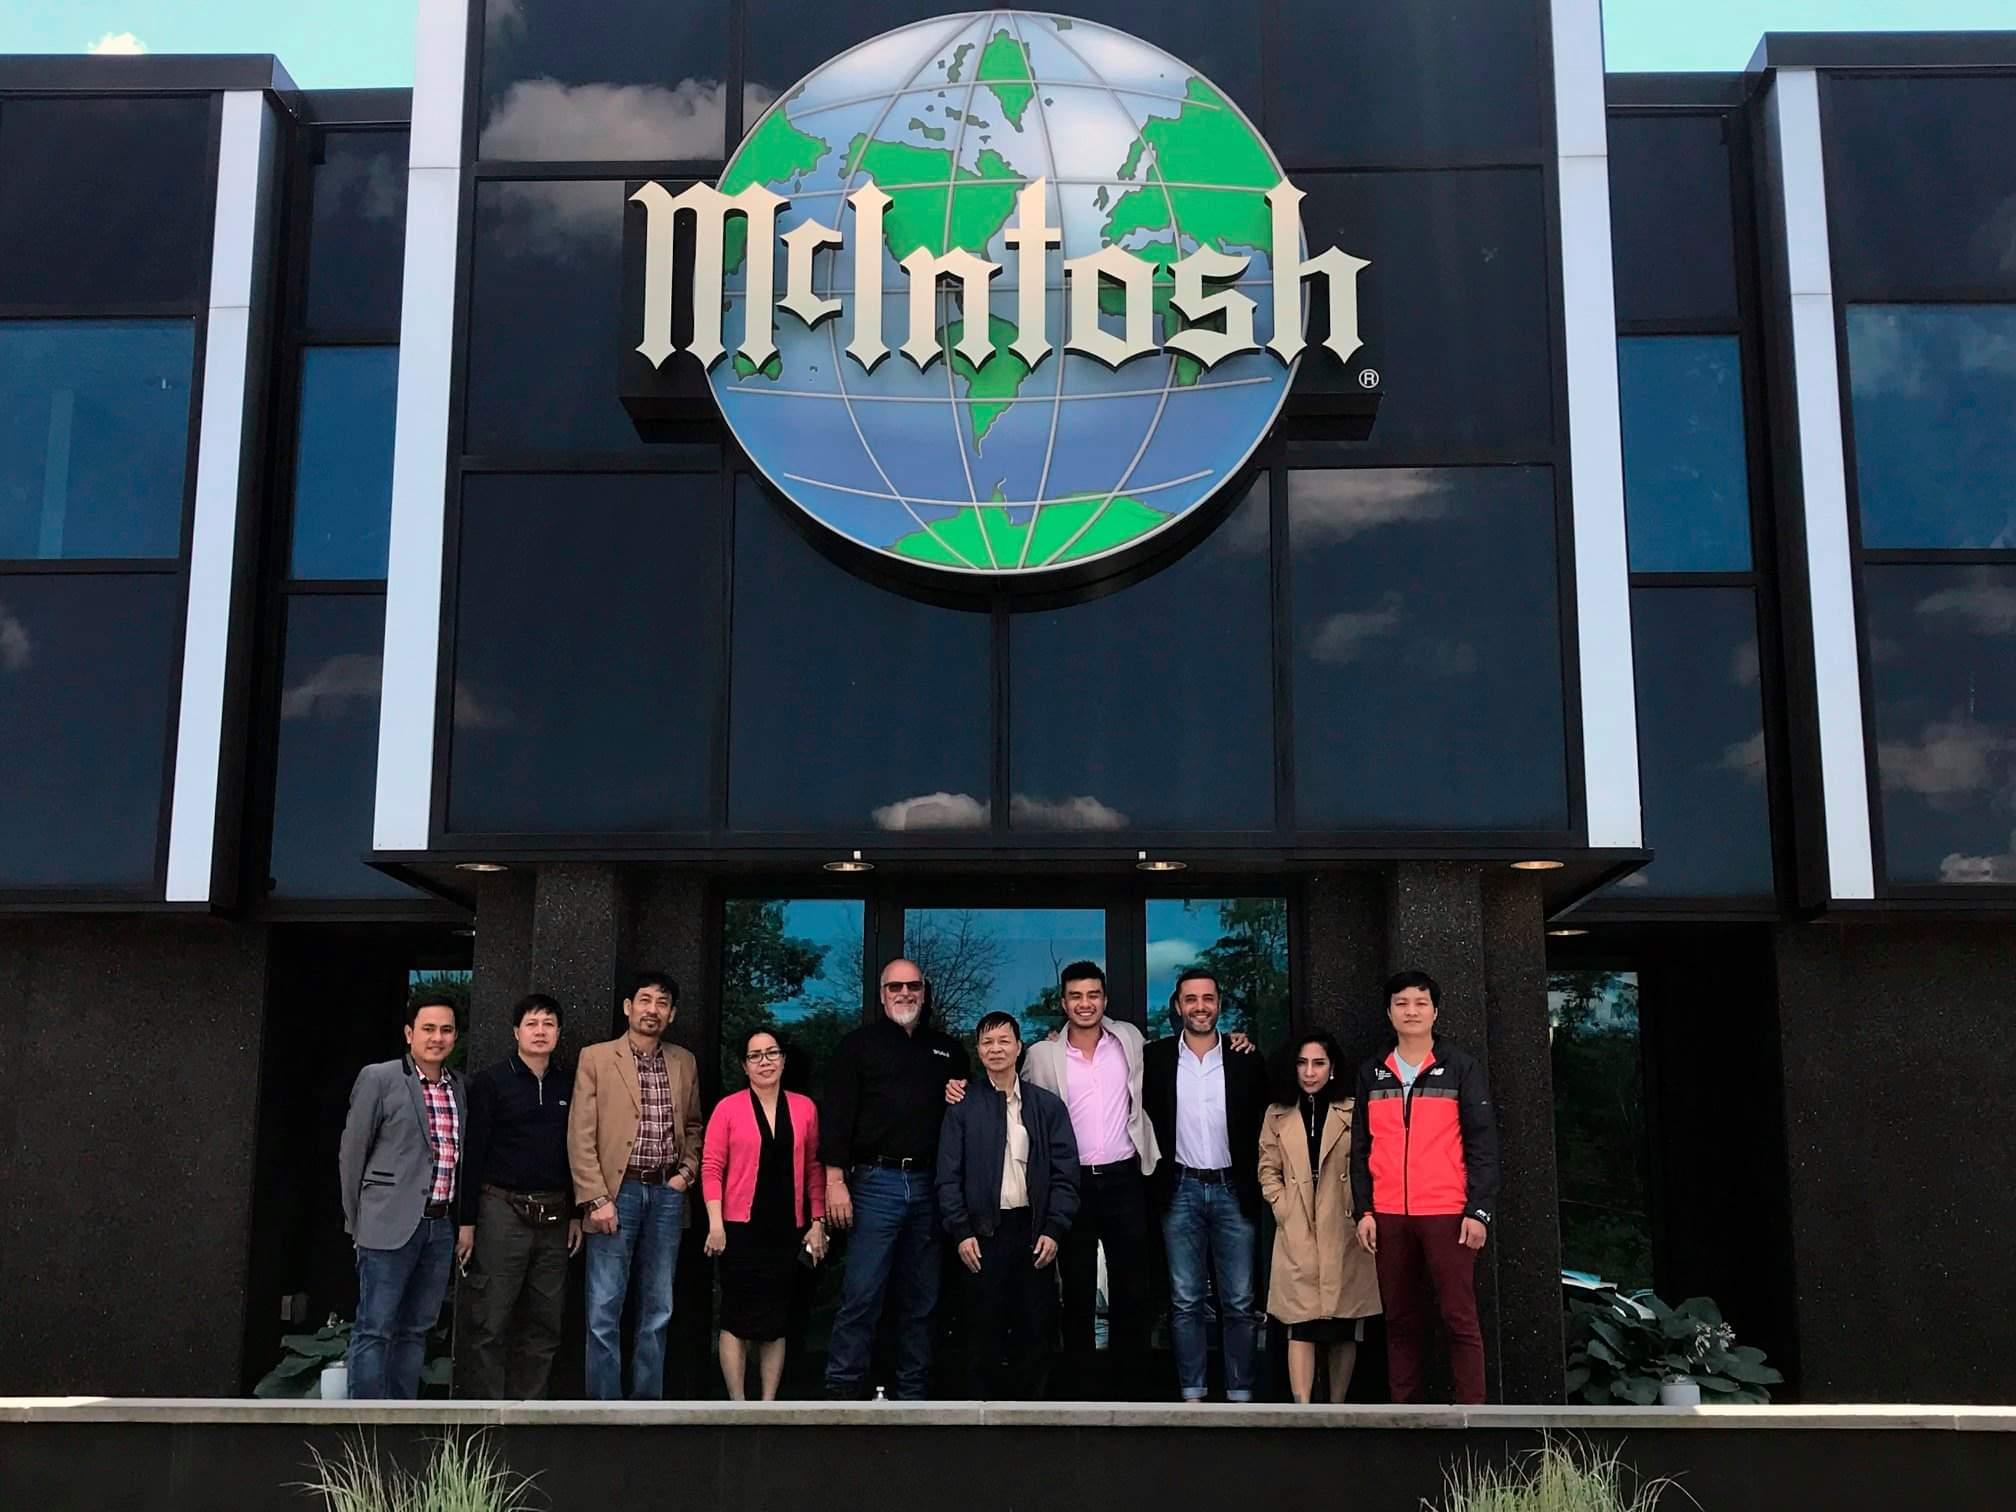 Đoàn Việt Nam chụp ảnh lưu niệm cùng các đại diện McIntosh